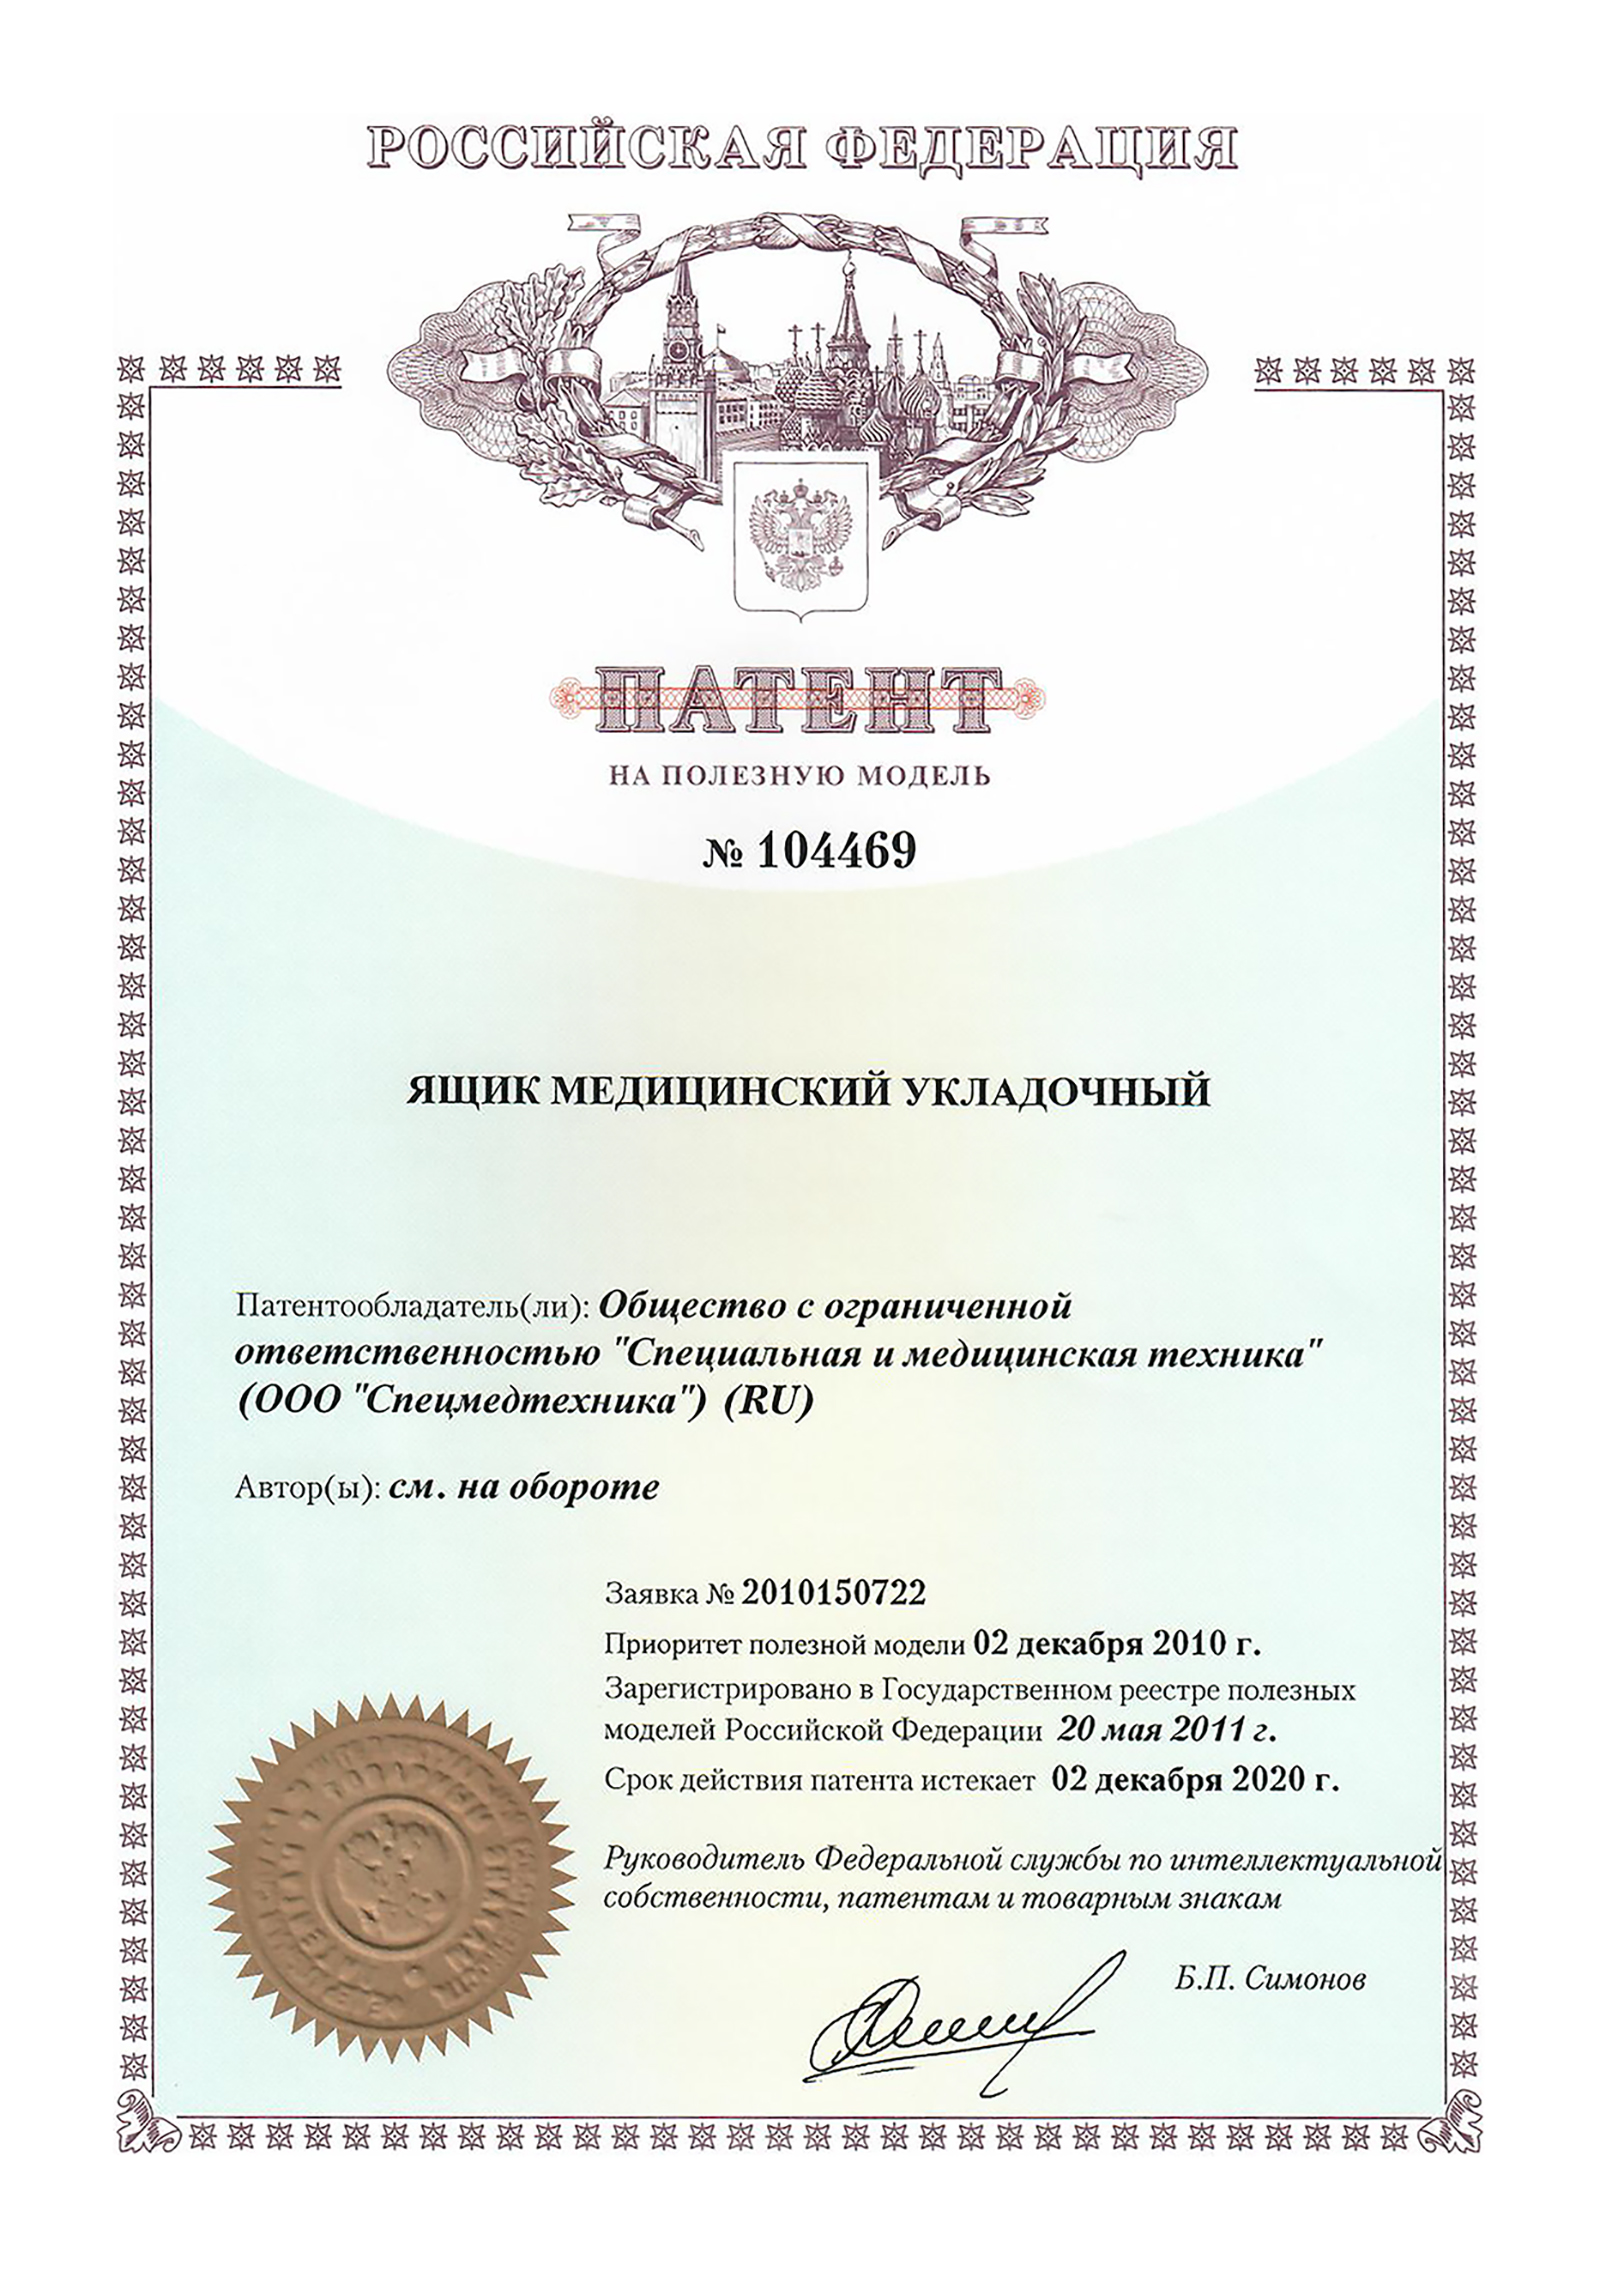 Патент на полезную модель 104469 Ящик медицинский укладочный